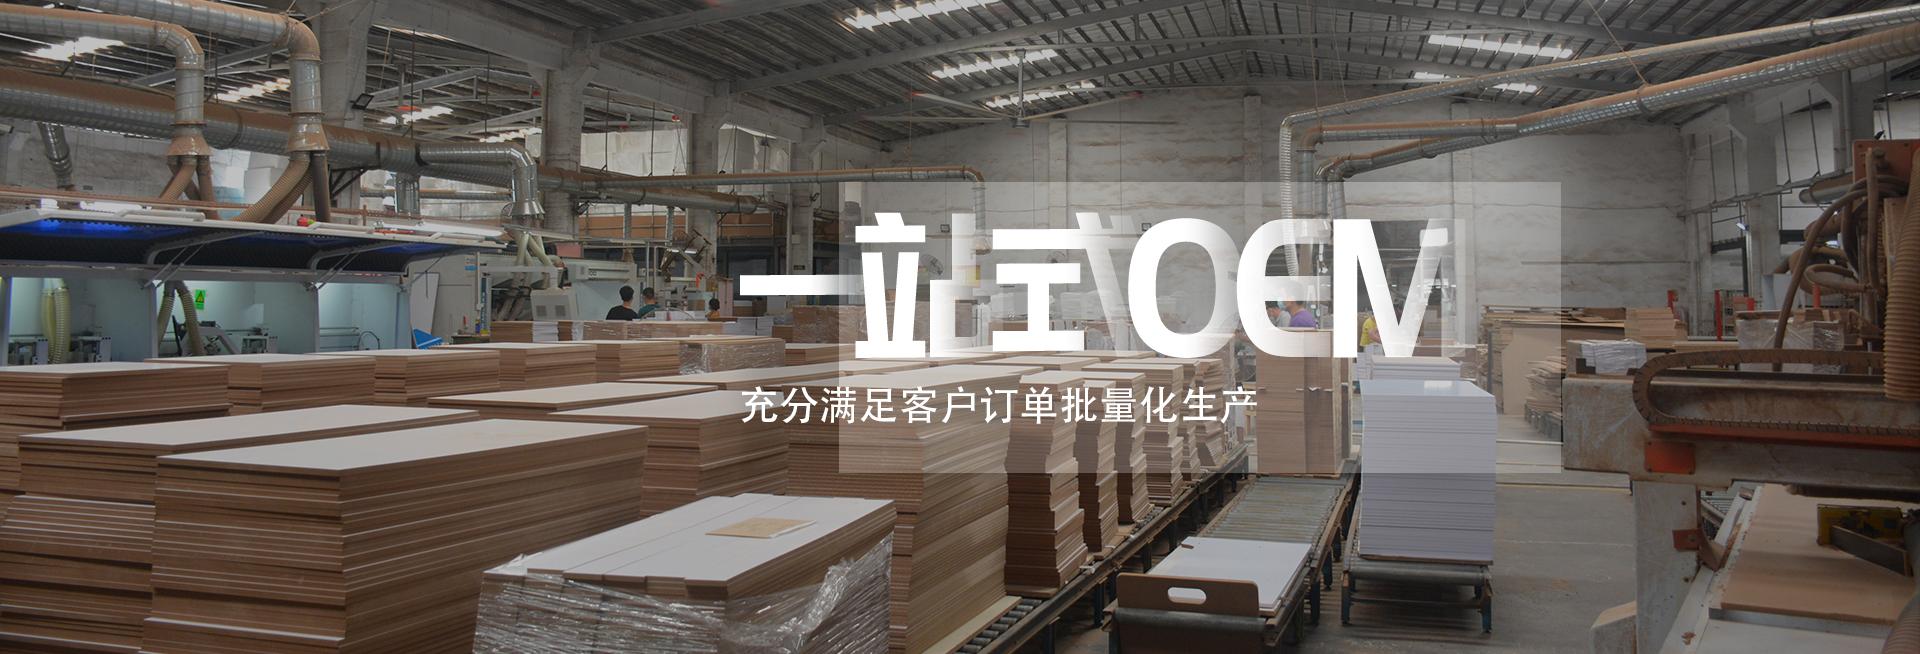 http://www.ggxjj.com.cn/data/upload/202010/20201019101650_306.jpg